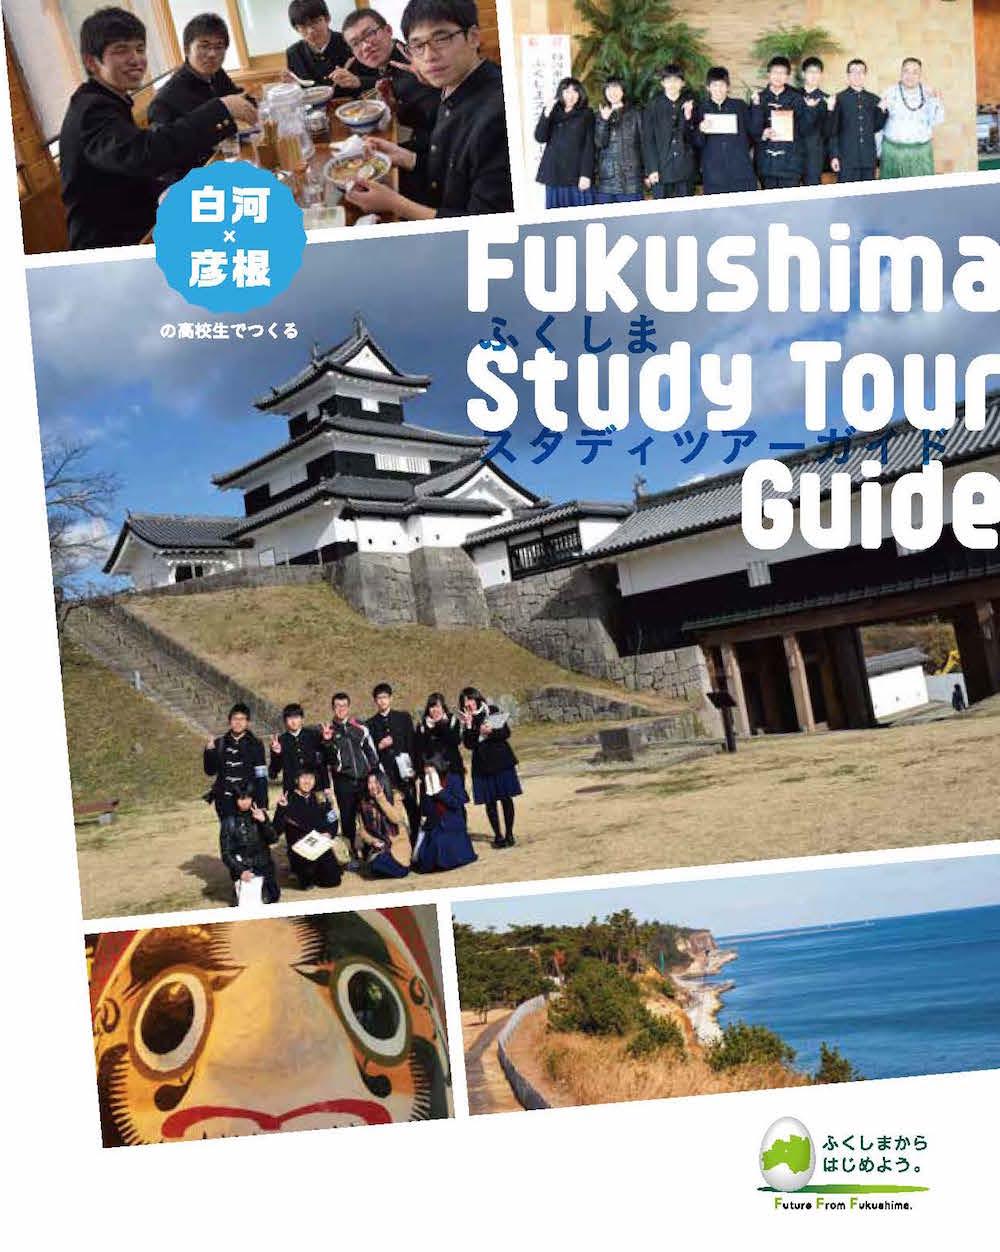 fukushima0309-nyukoout_%e3%83%98%e3%82%9a%e3%83%bc%e3%82%b7%e3%82%99_1